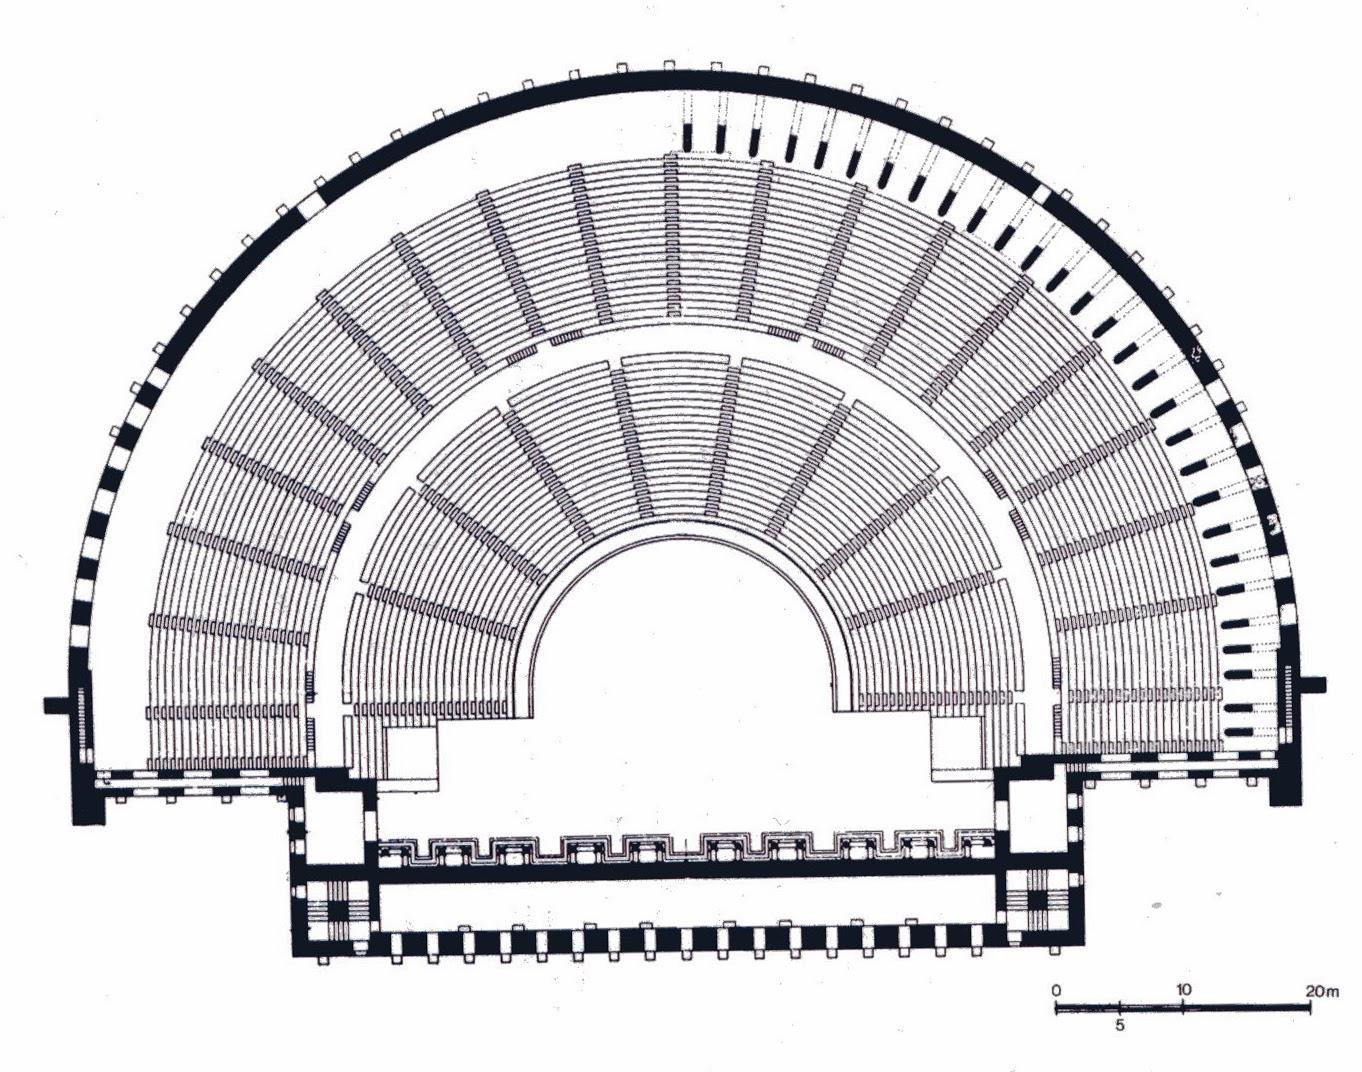 Arkeoloji Dia Antalya Aspendos Tiyatrosu Aspendos Theatre